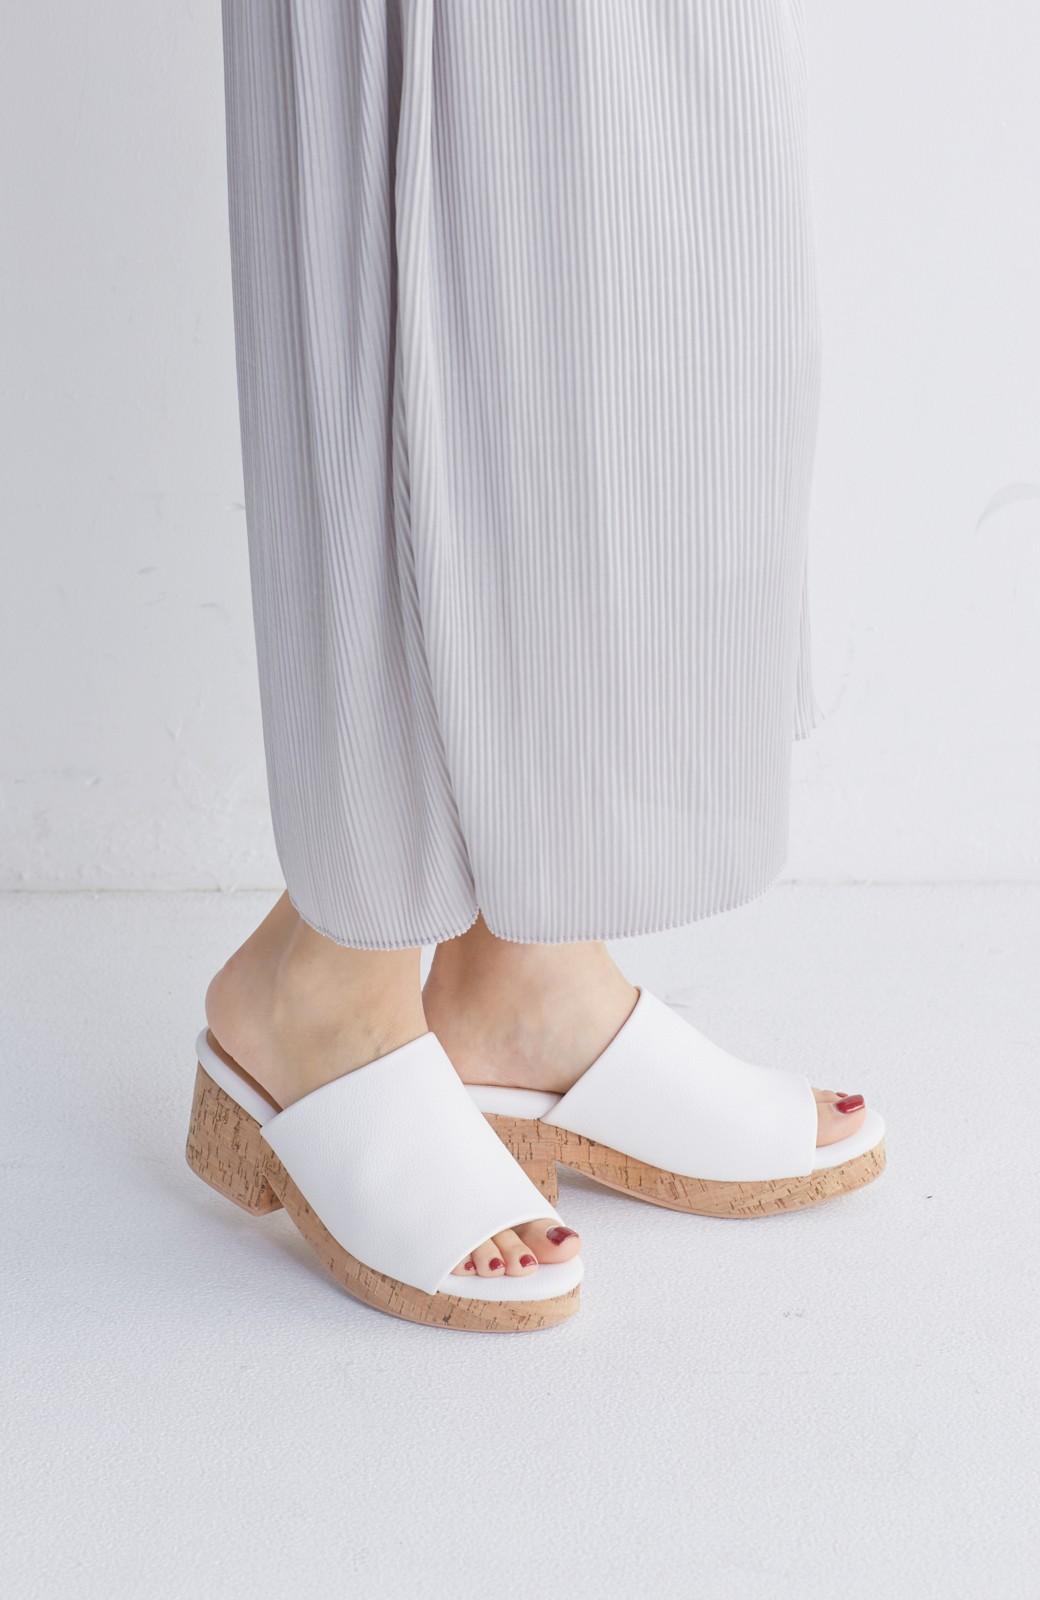 nusy 低&高反発で歩きやすい サボみたいにすぽっとはけるオープントゥサンダル <ホワイト>の商品写真4